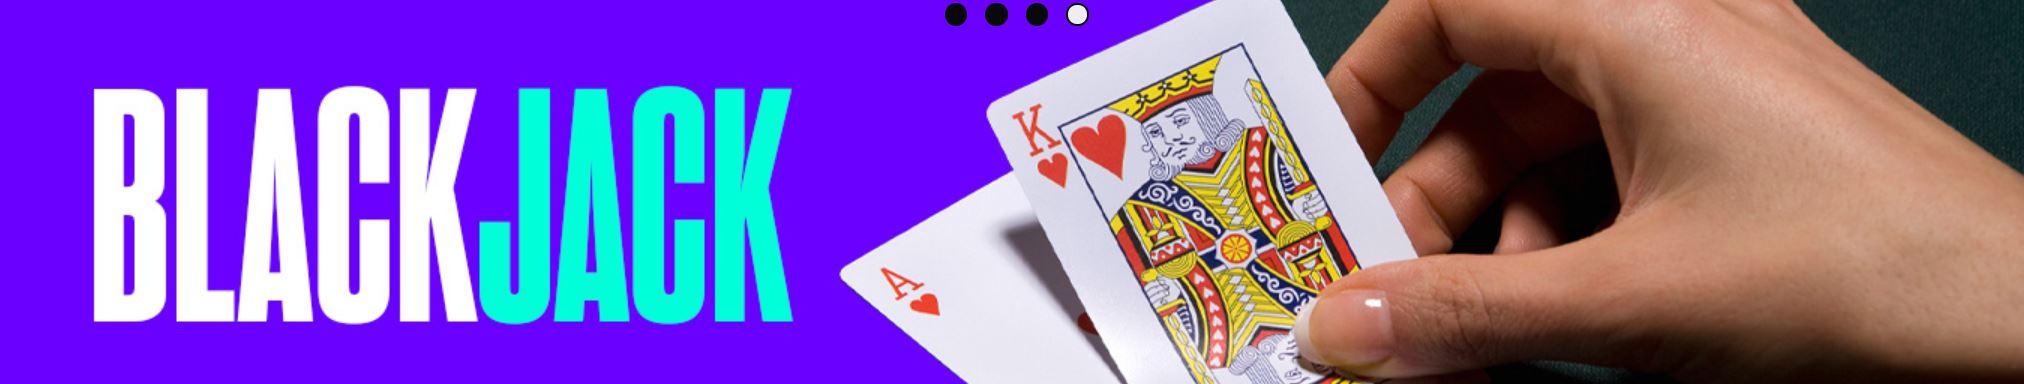 El poker y el blackjack son los 2 juegos más populares en Vivelasuerte.